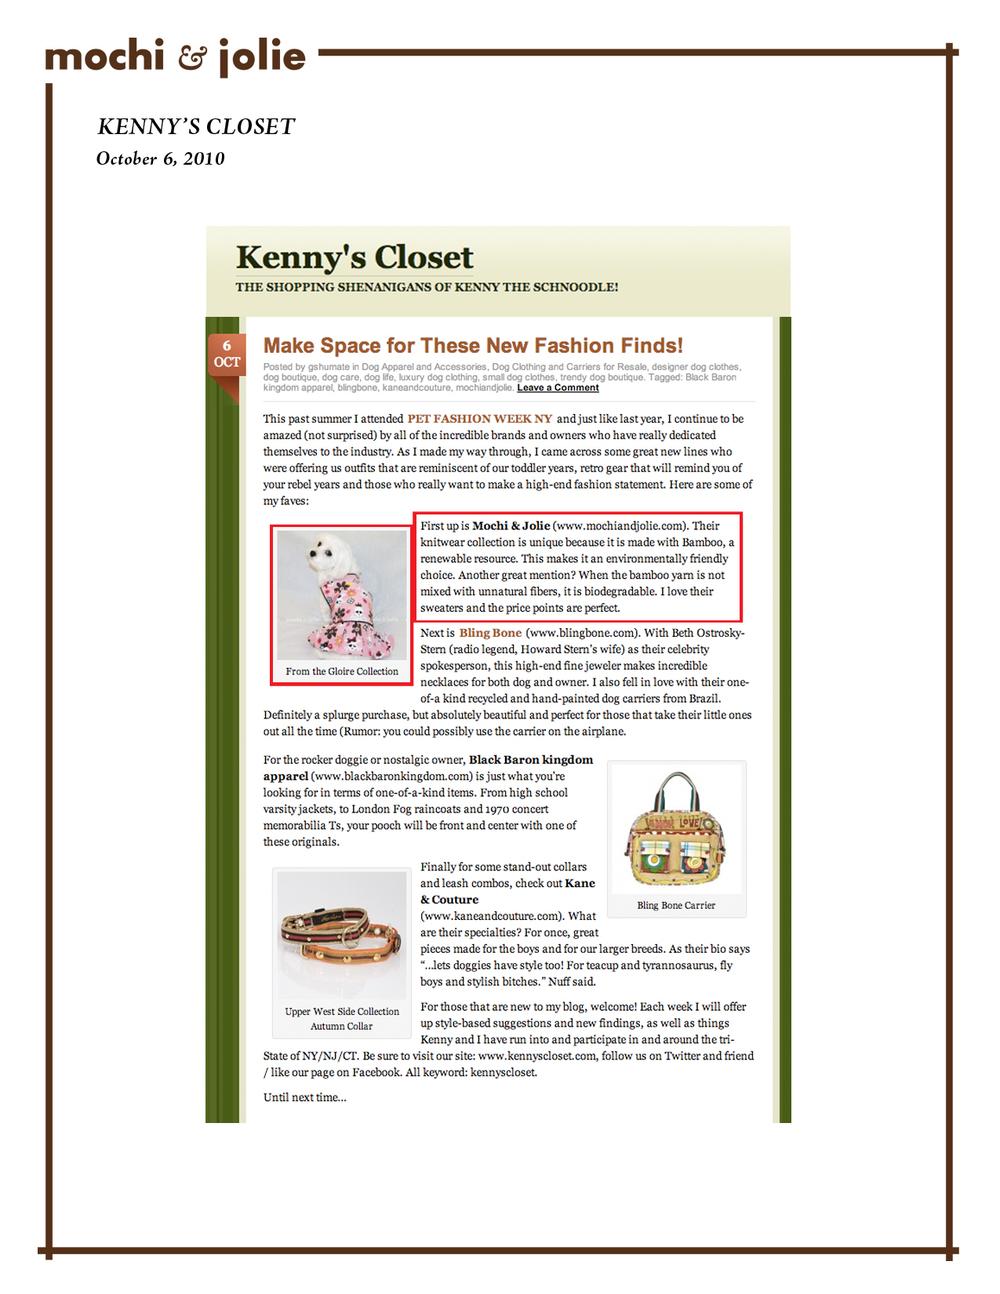 Kenny's Closet (October 6, 2010)